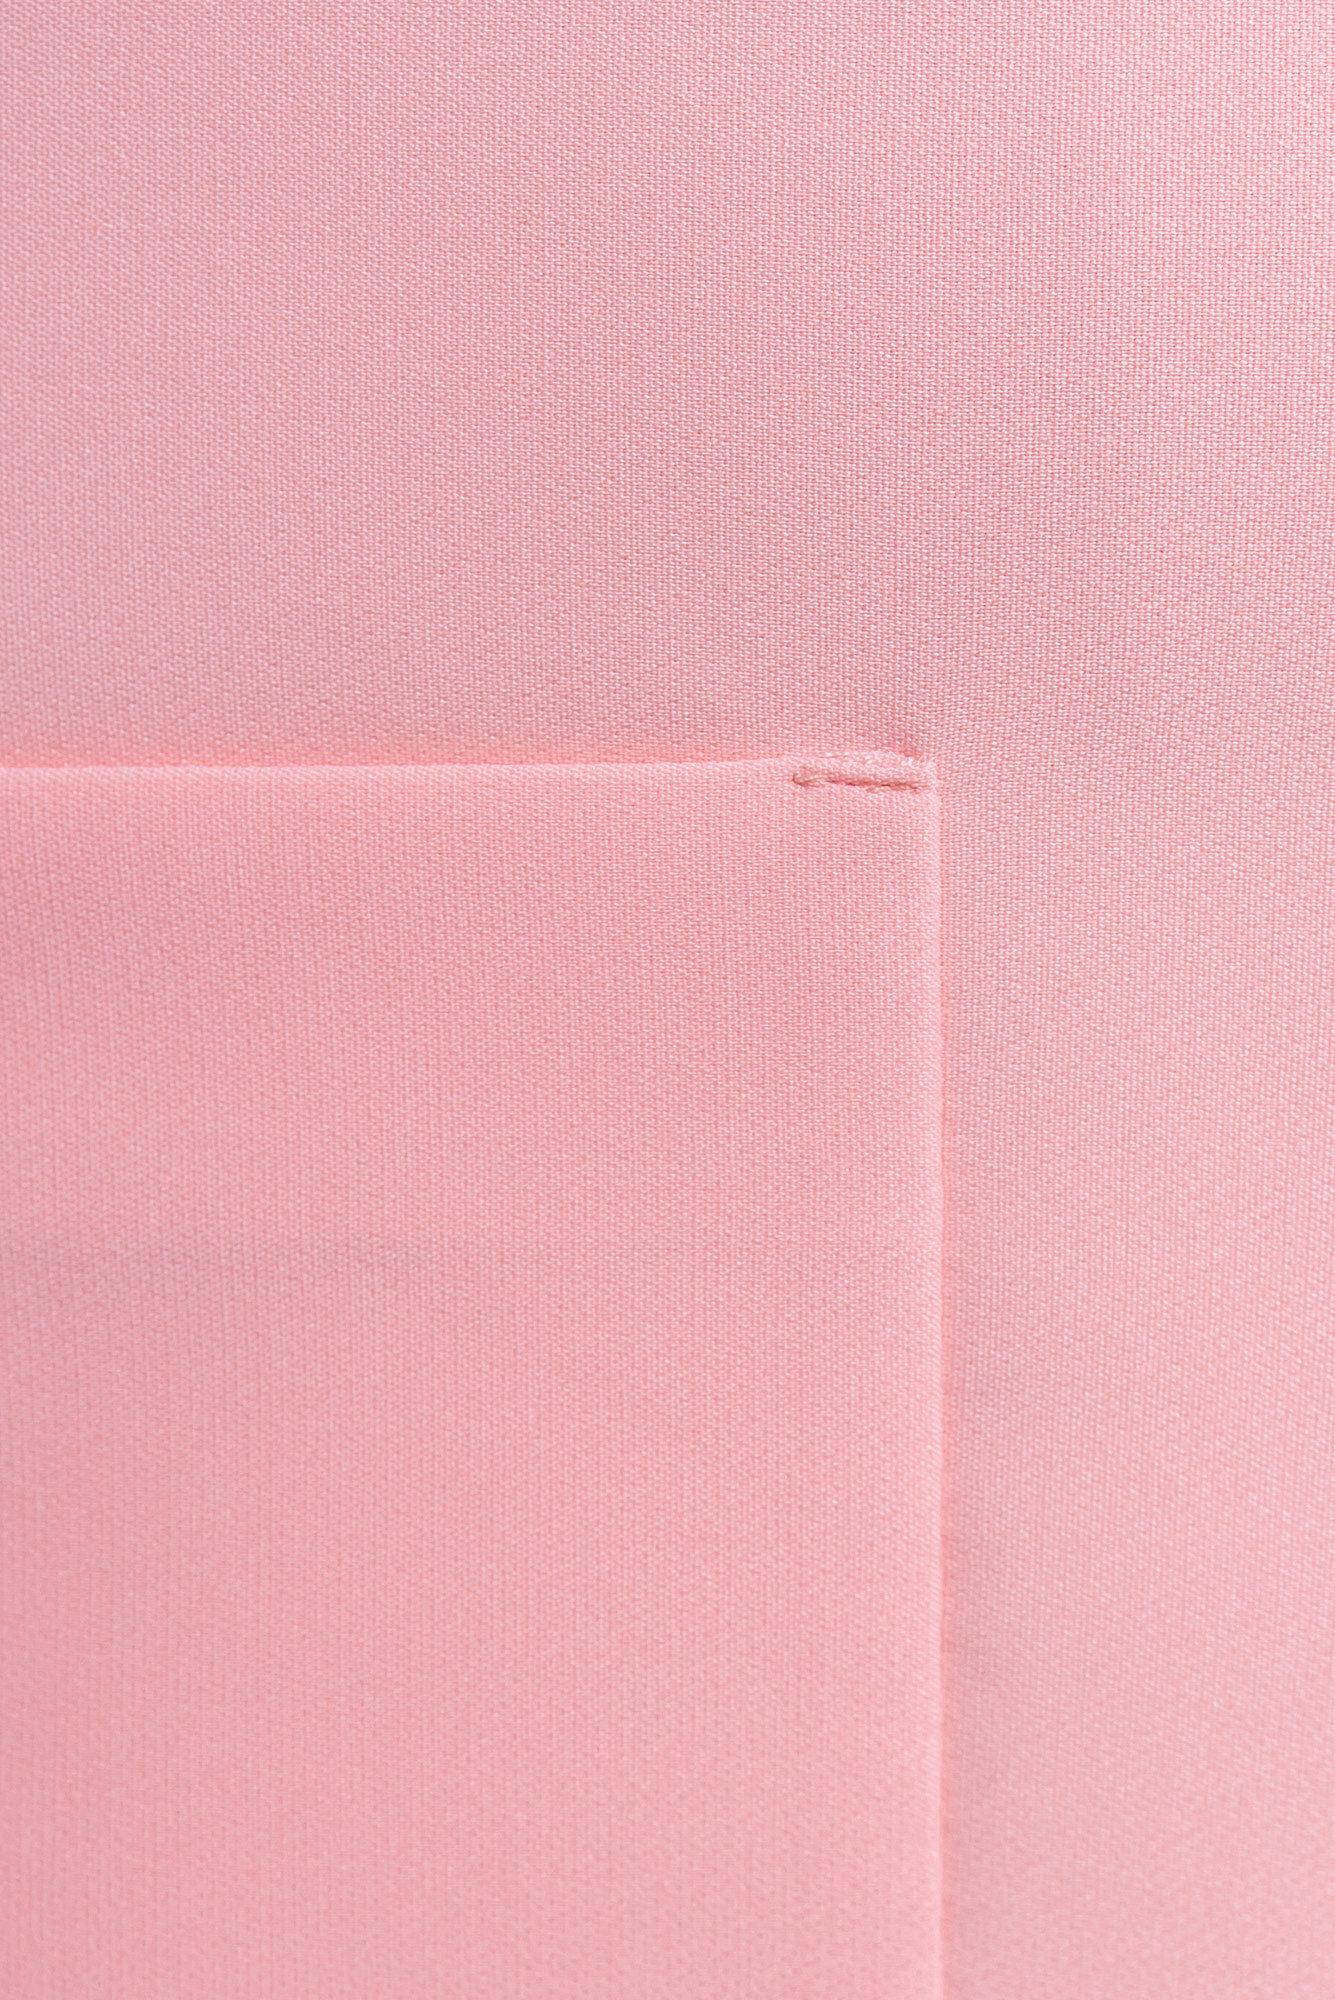 Юбка Рона 2762 Цвет: Персик